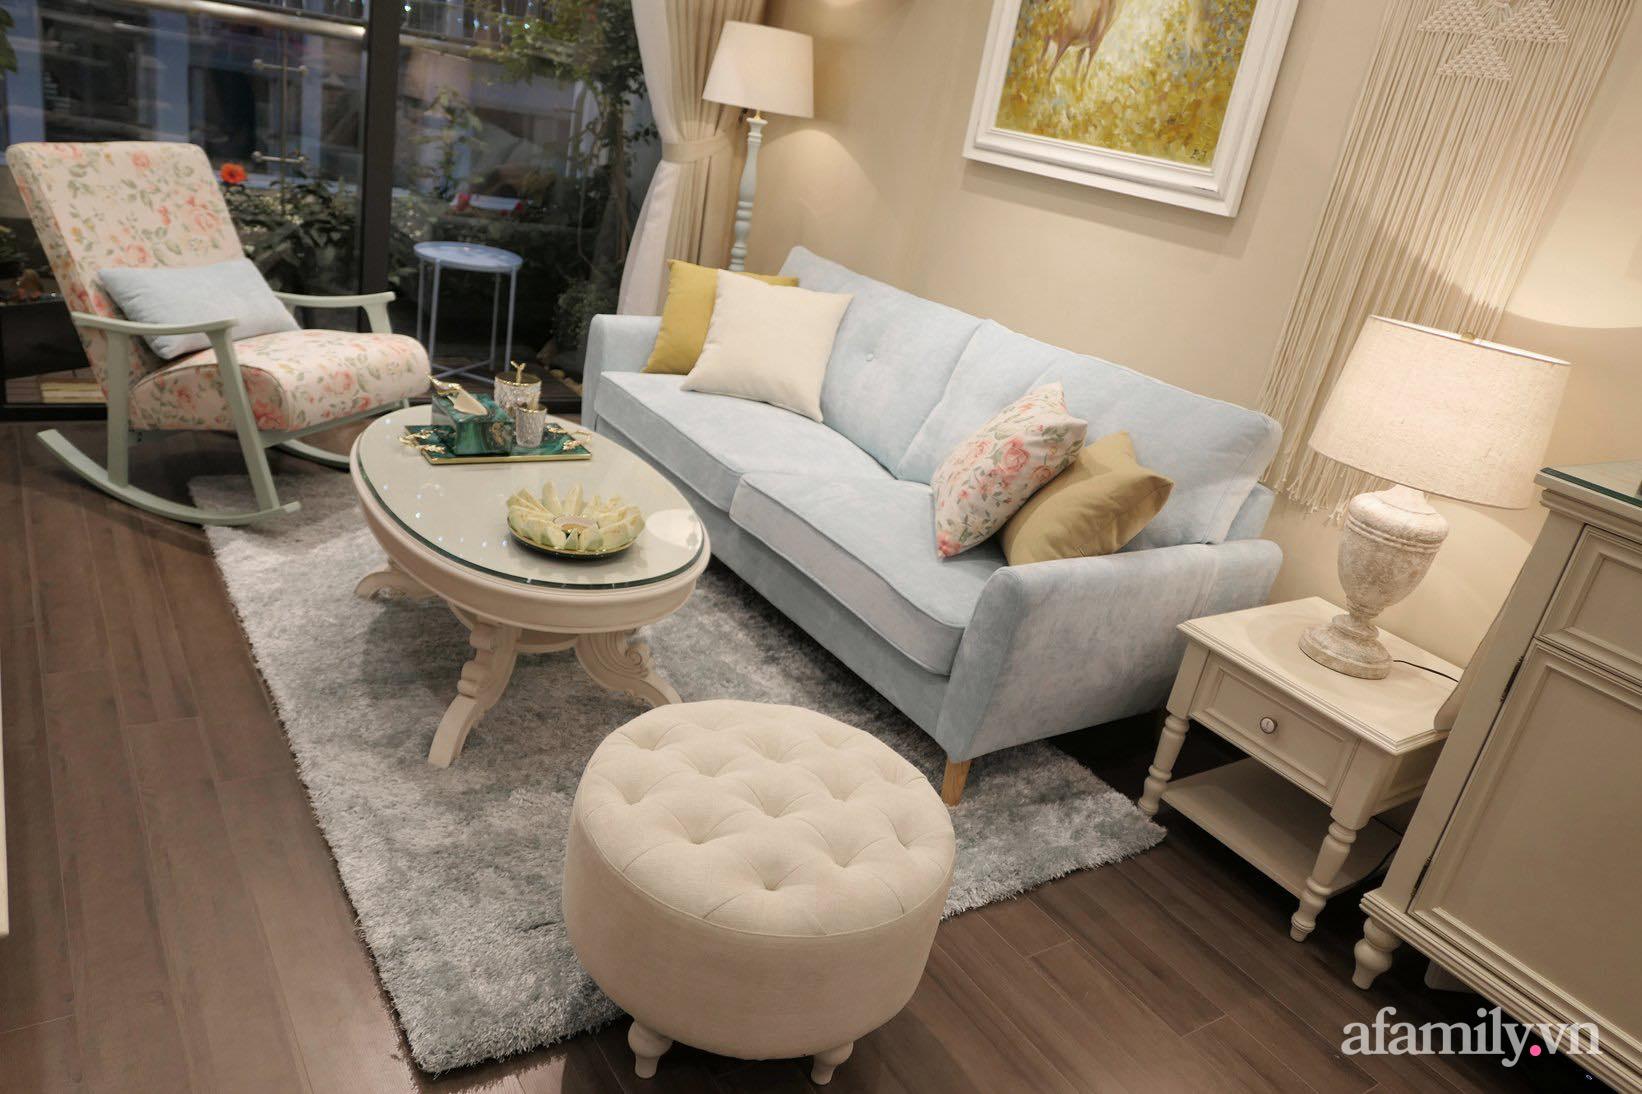 """Căn hộ siêu dễ thương decor theo phong cách Vintage được chủ nhà hoàn thiện """"vội"""" trong 10 ngày ở Hà Nội - Ảnh 4."""